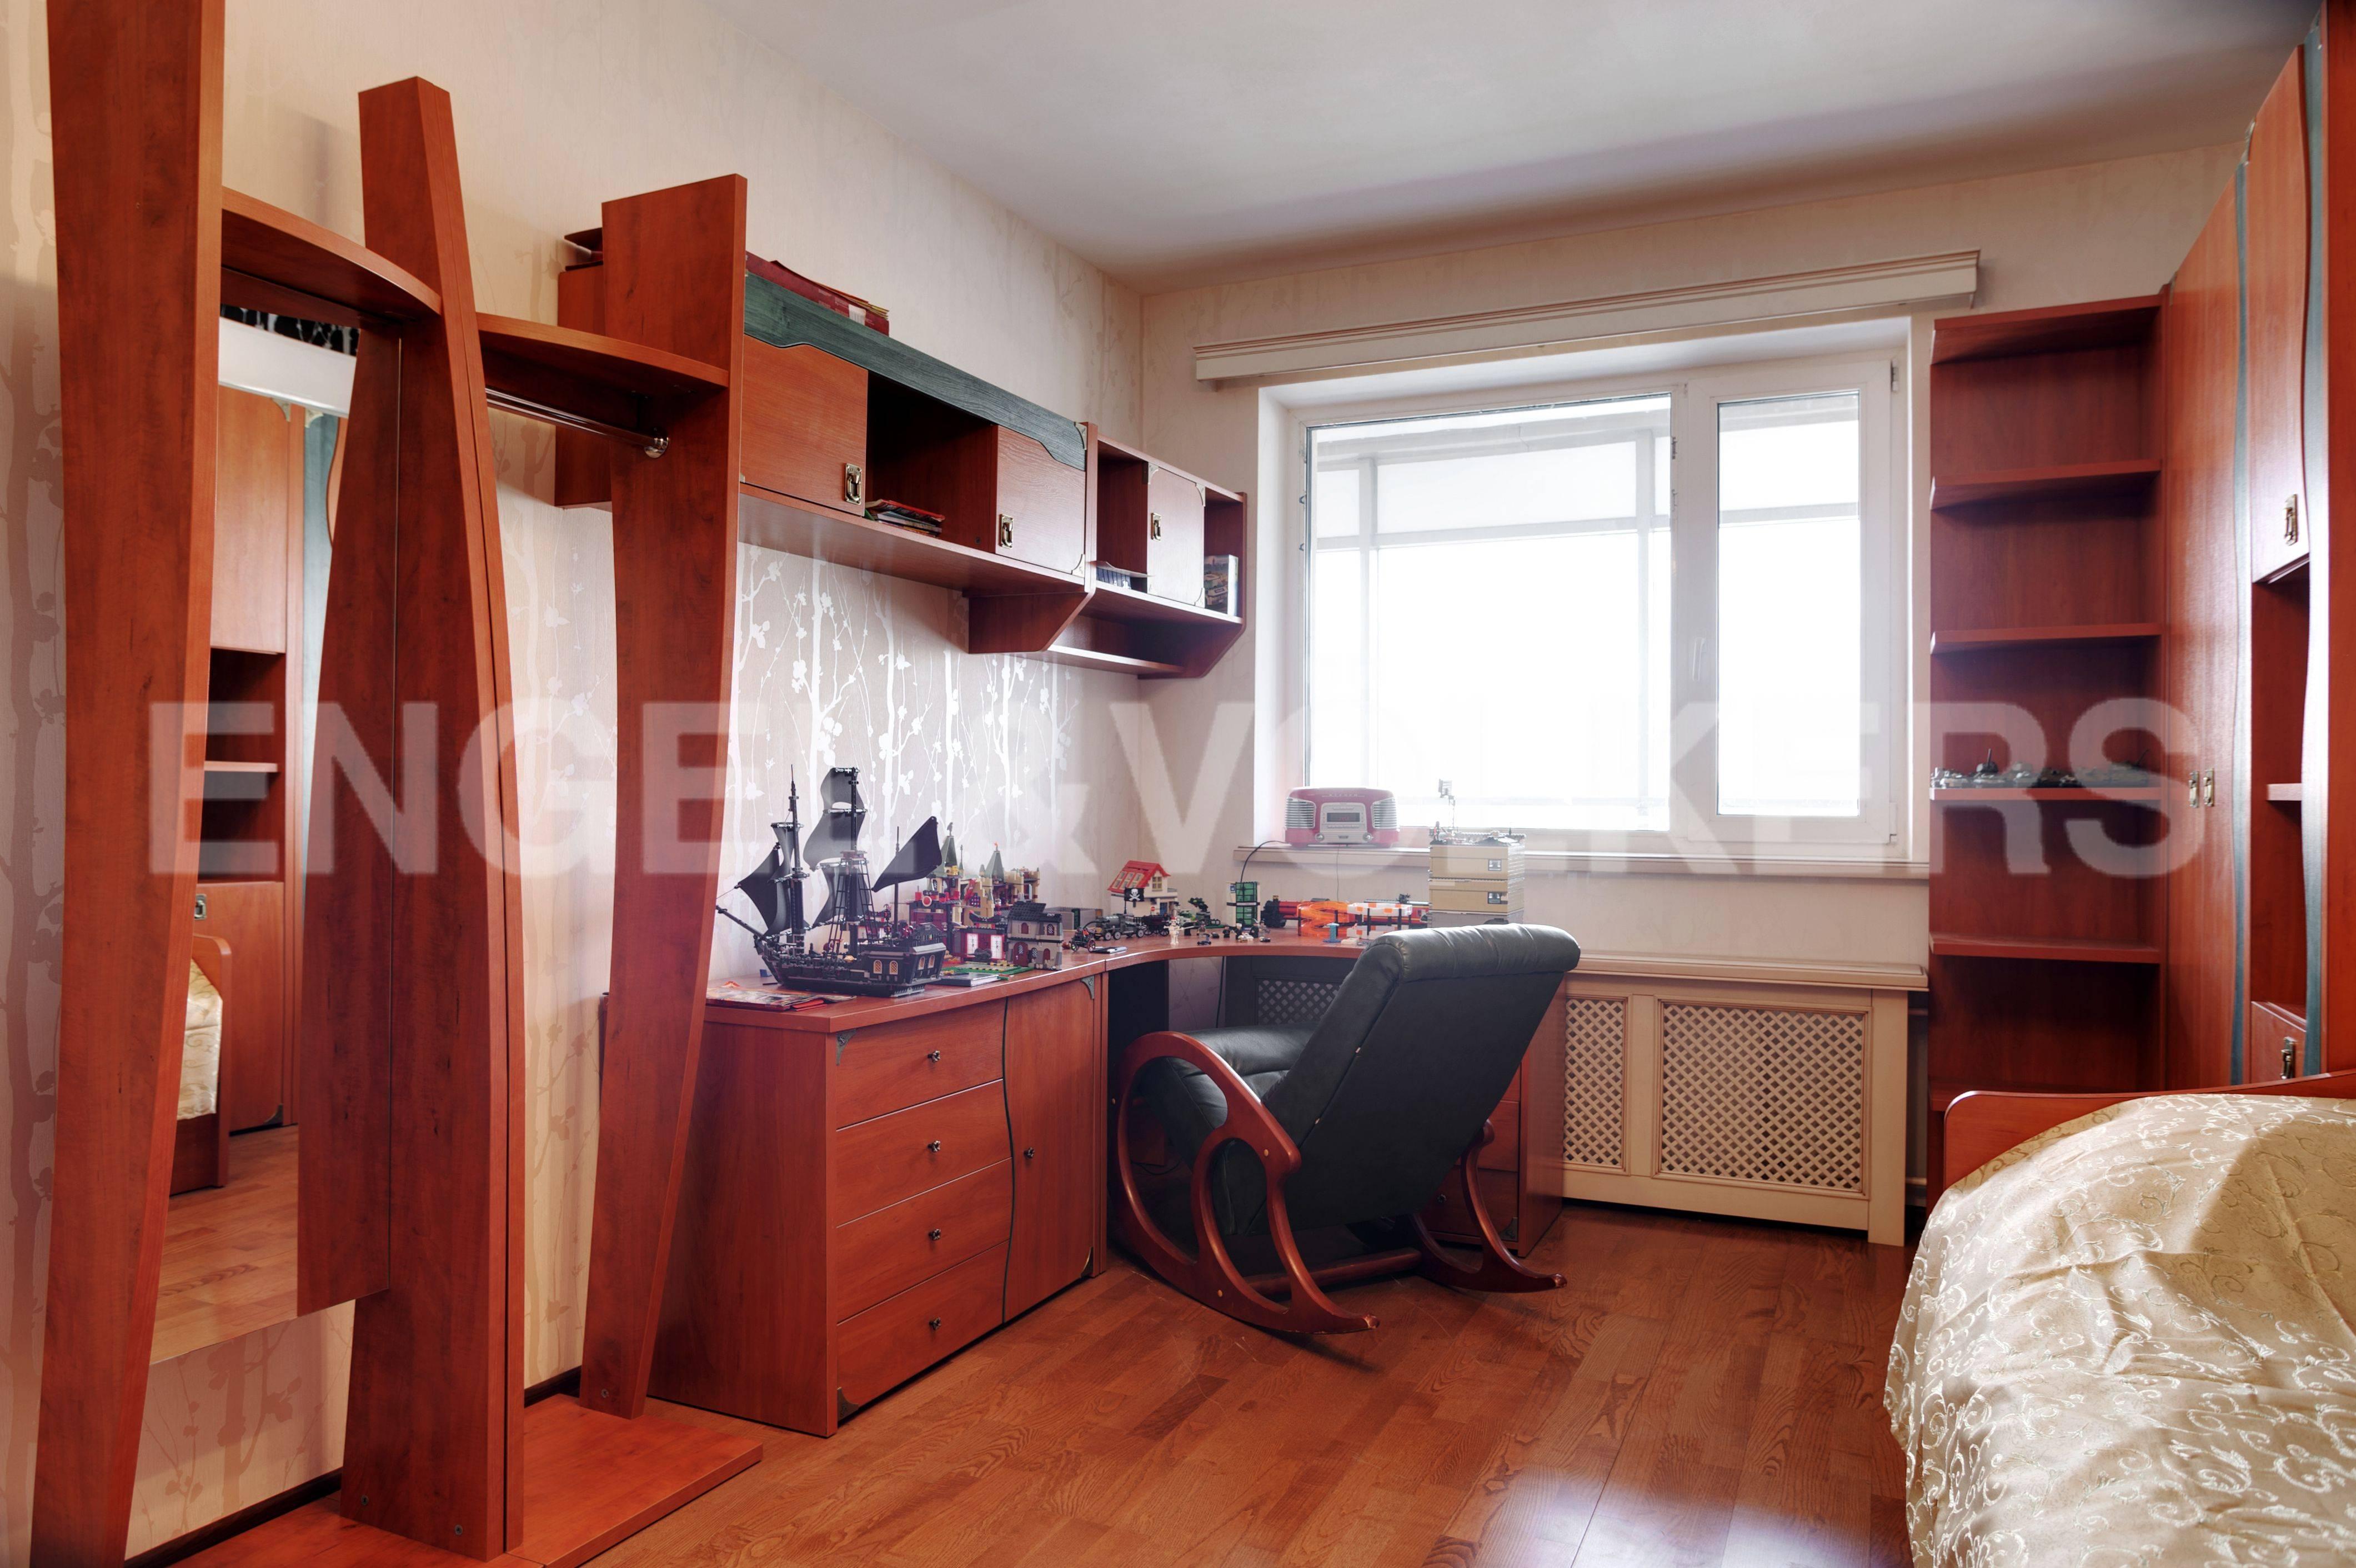 Элитные квартиры в Выборгский р-н. Санкт-Петербург, Большой Сампсониевский пр. 4-6. Детская комната